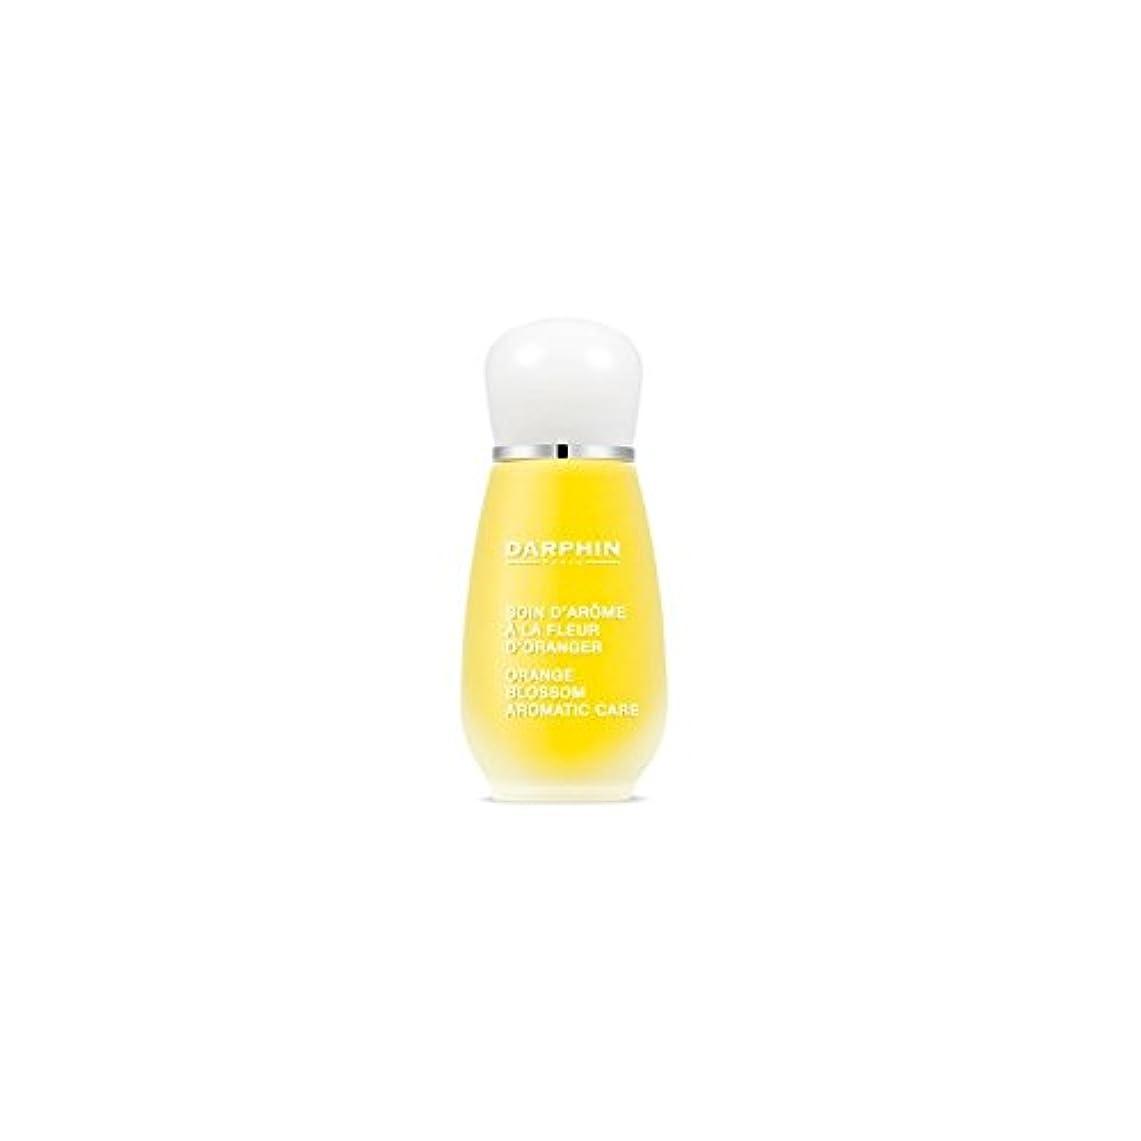 デンマーク好む言い直すダルファンオレンジの花の芳香ケア(15ミリリットル) x2 - Darphin Orange Blossom Aromatic Care (15ml) (Pack of 2) [並行輸入品]